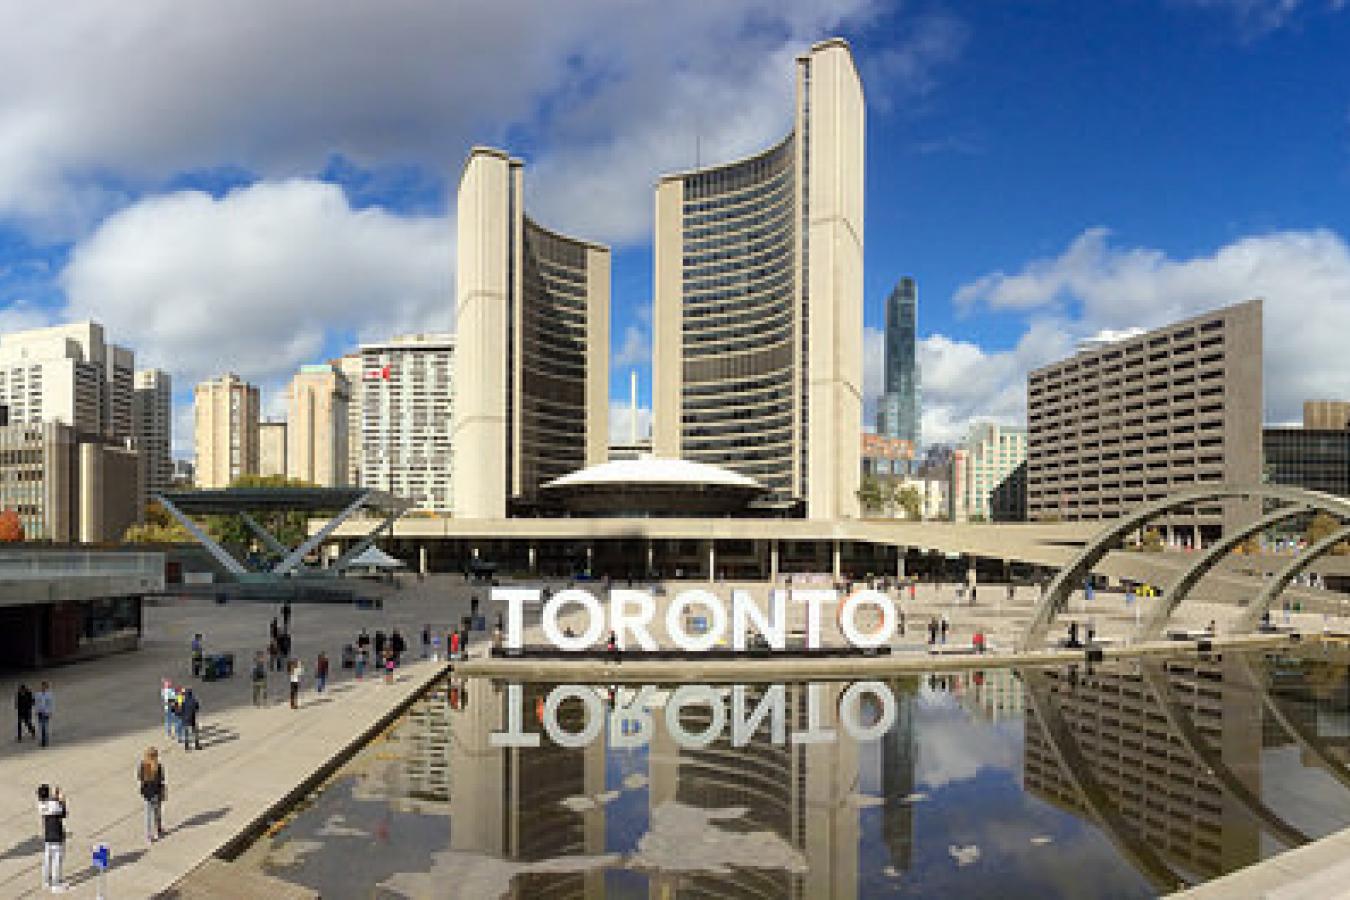 Toronto: Nathan Phillips Square and Toronto City Hall